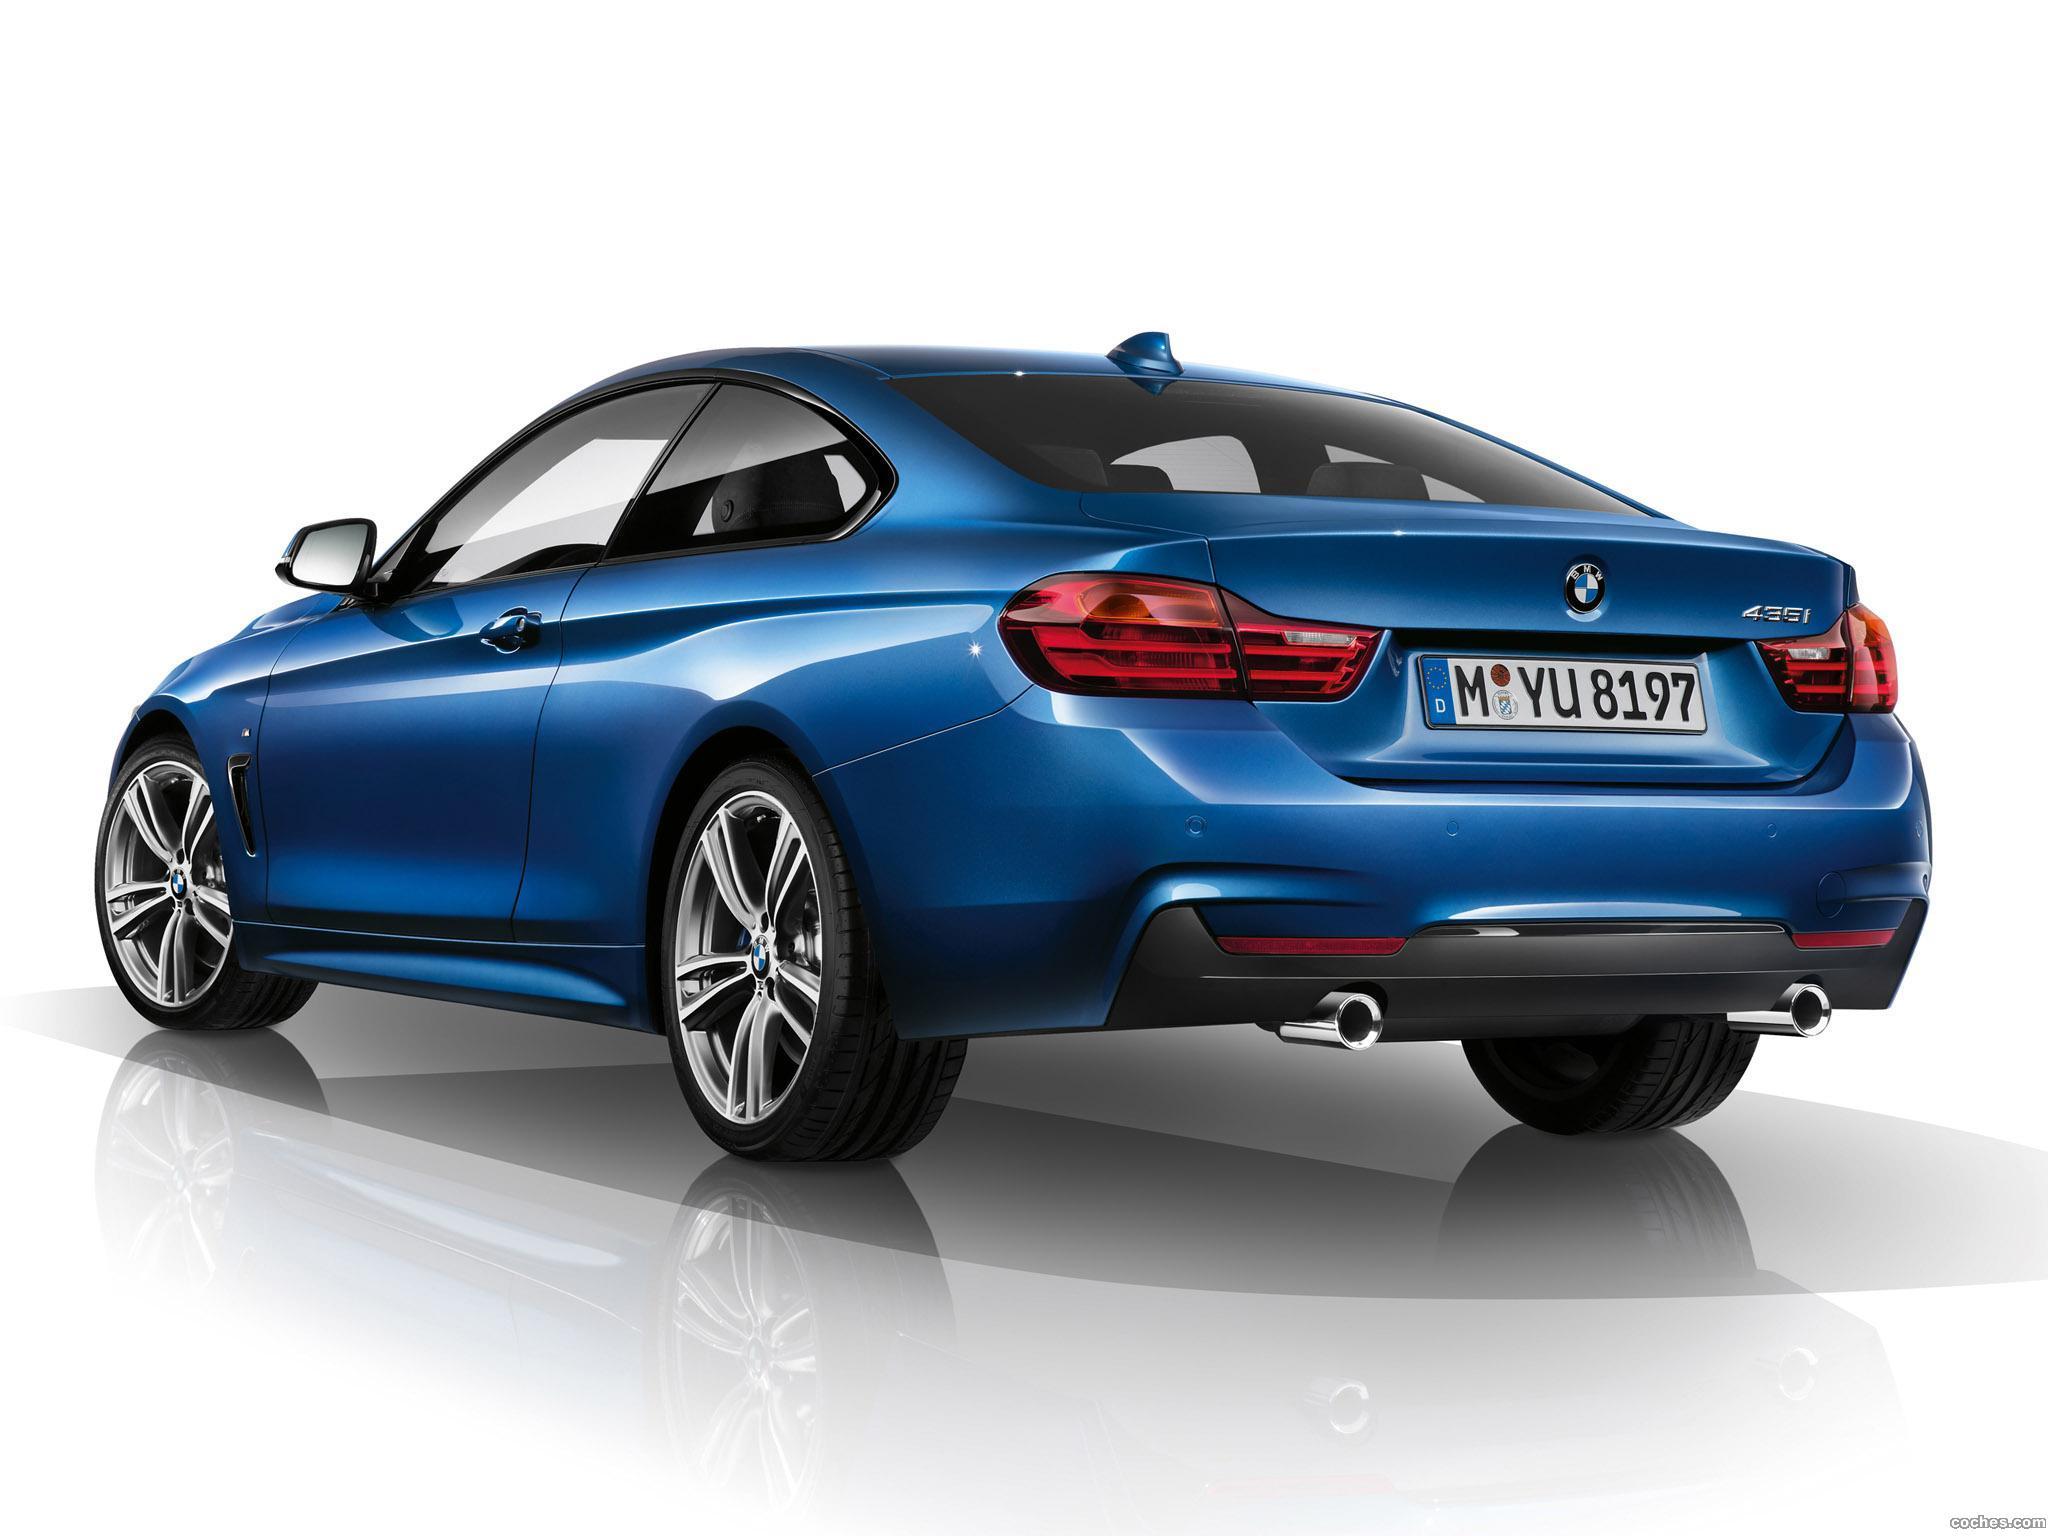 Foto 1 de BMW Serie 4 Coupe M Sport Package F32 2013